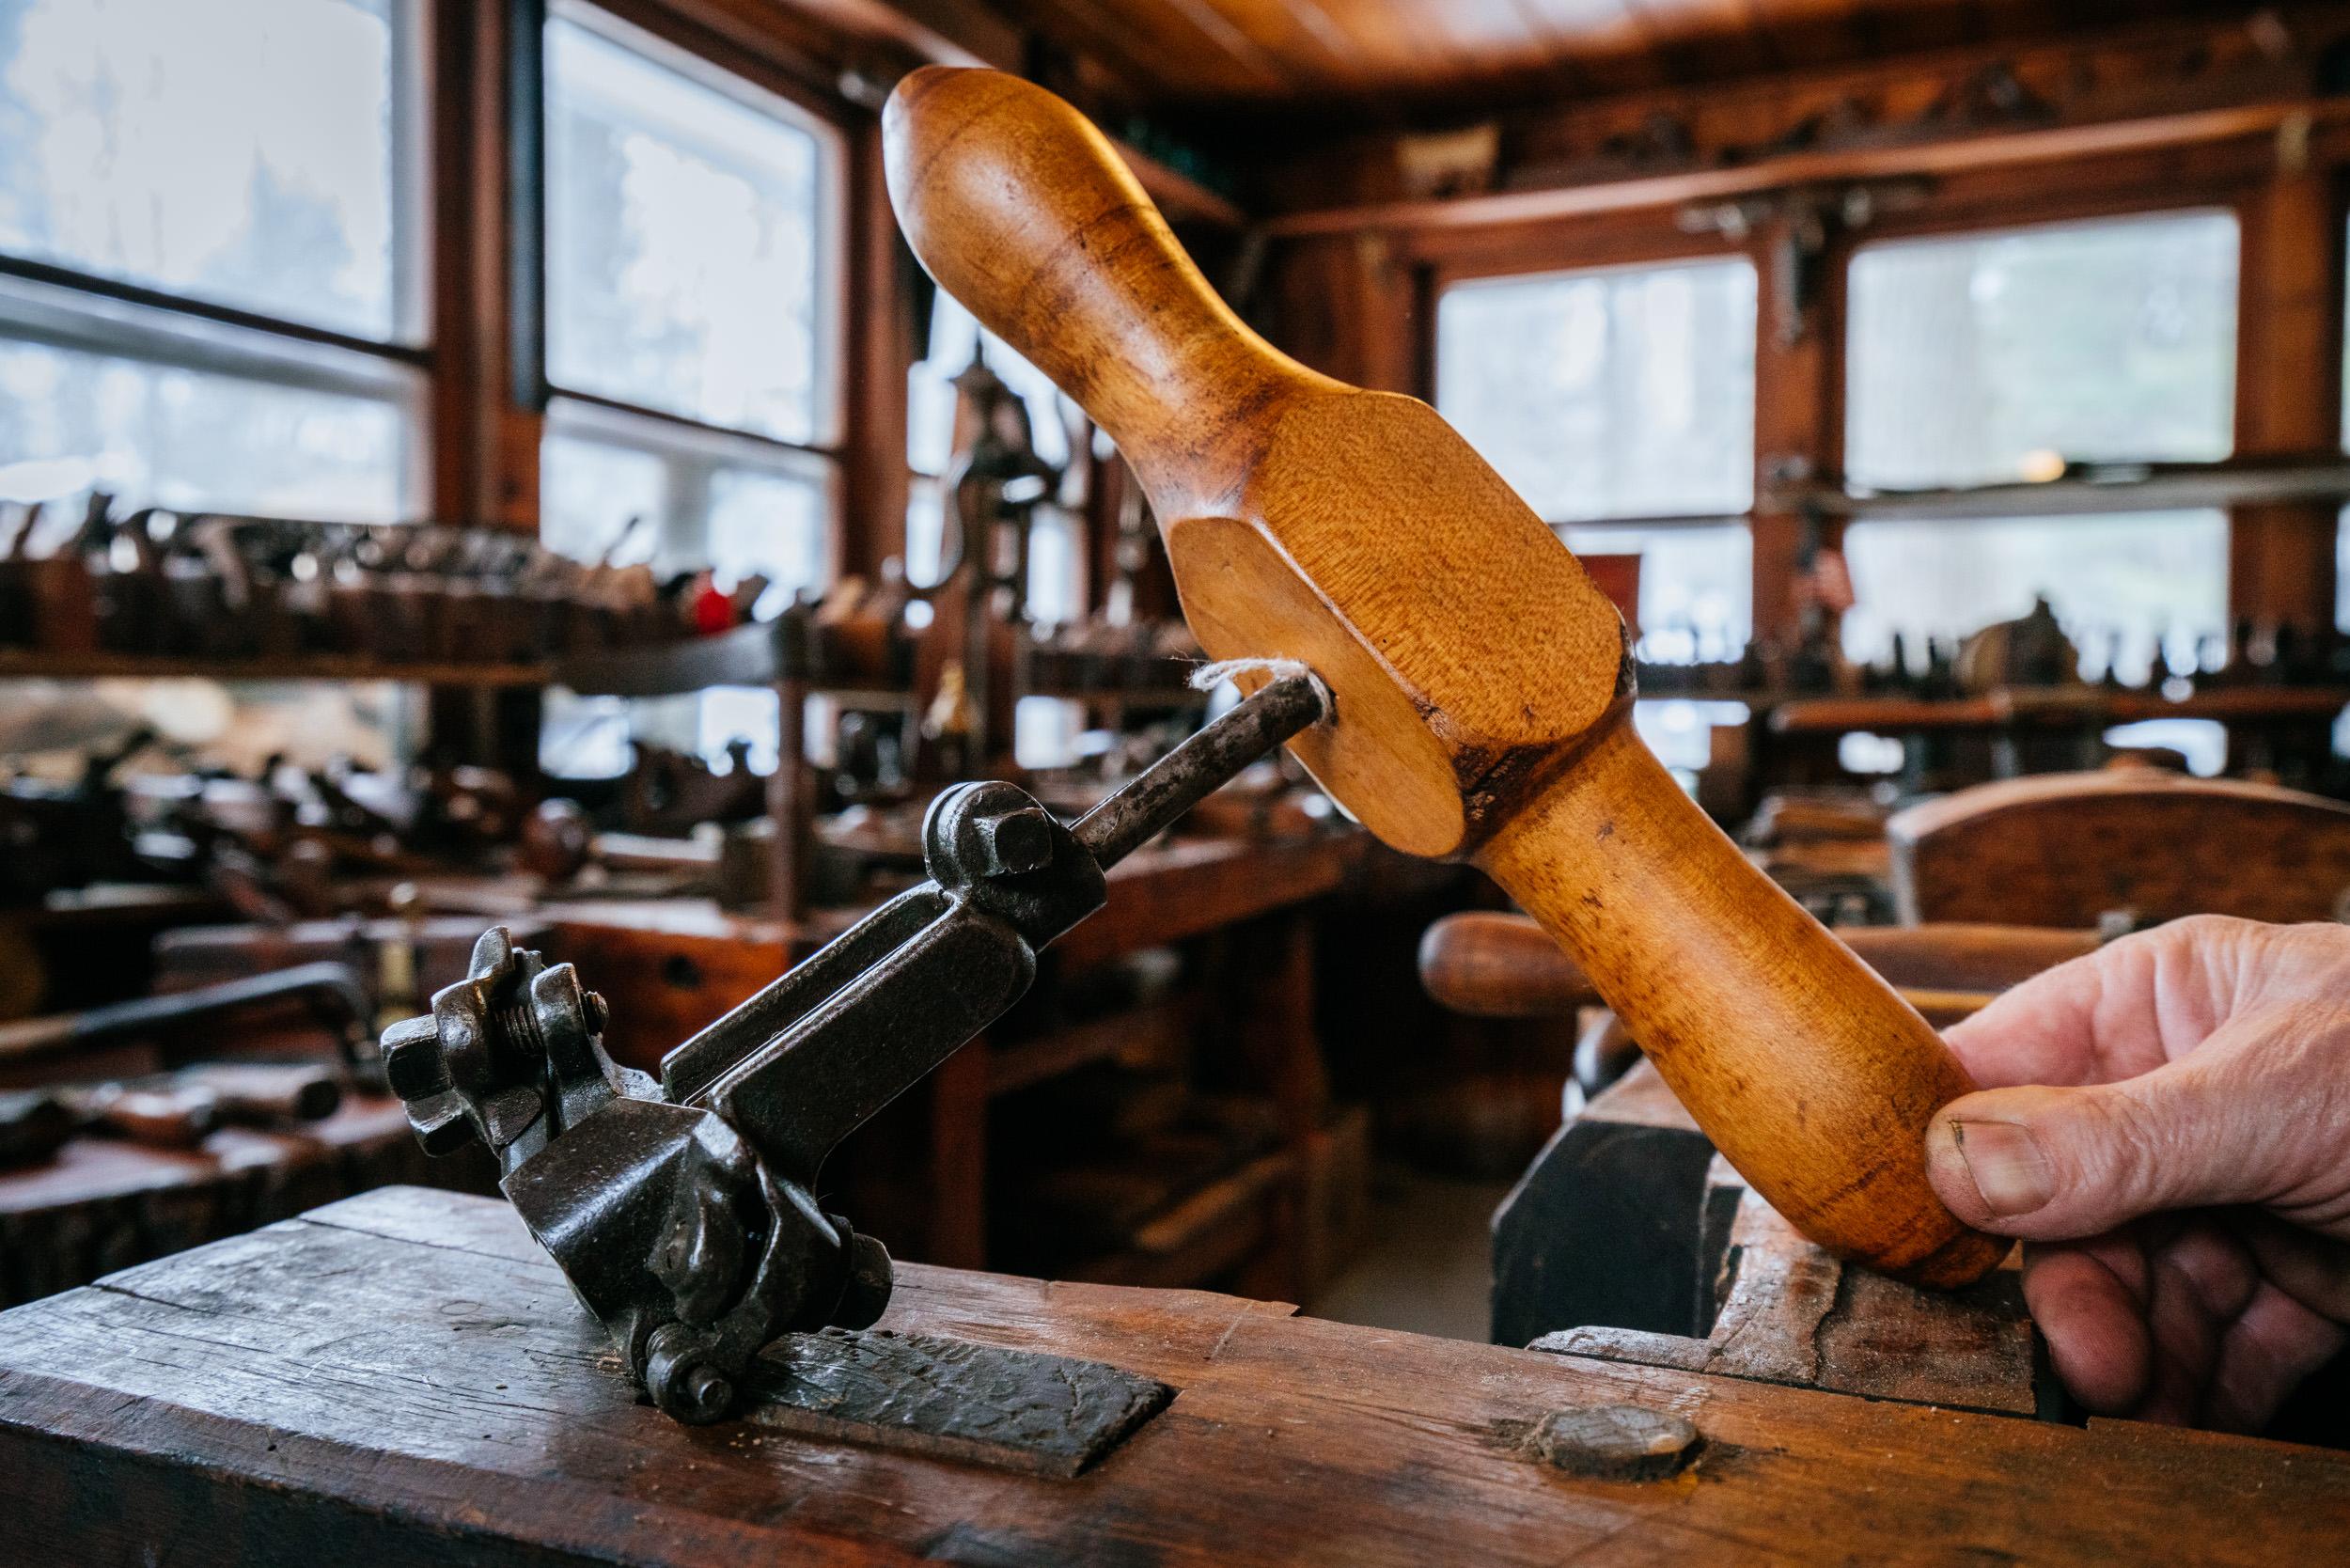 John Walker Sawmill Wood Working Tools-119.jpg